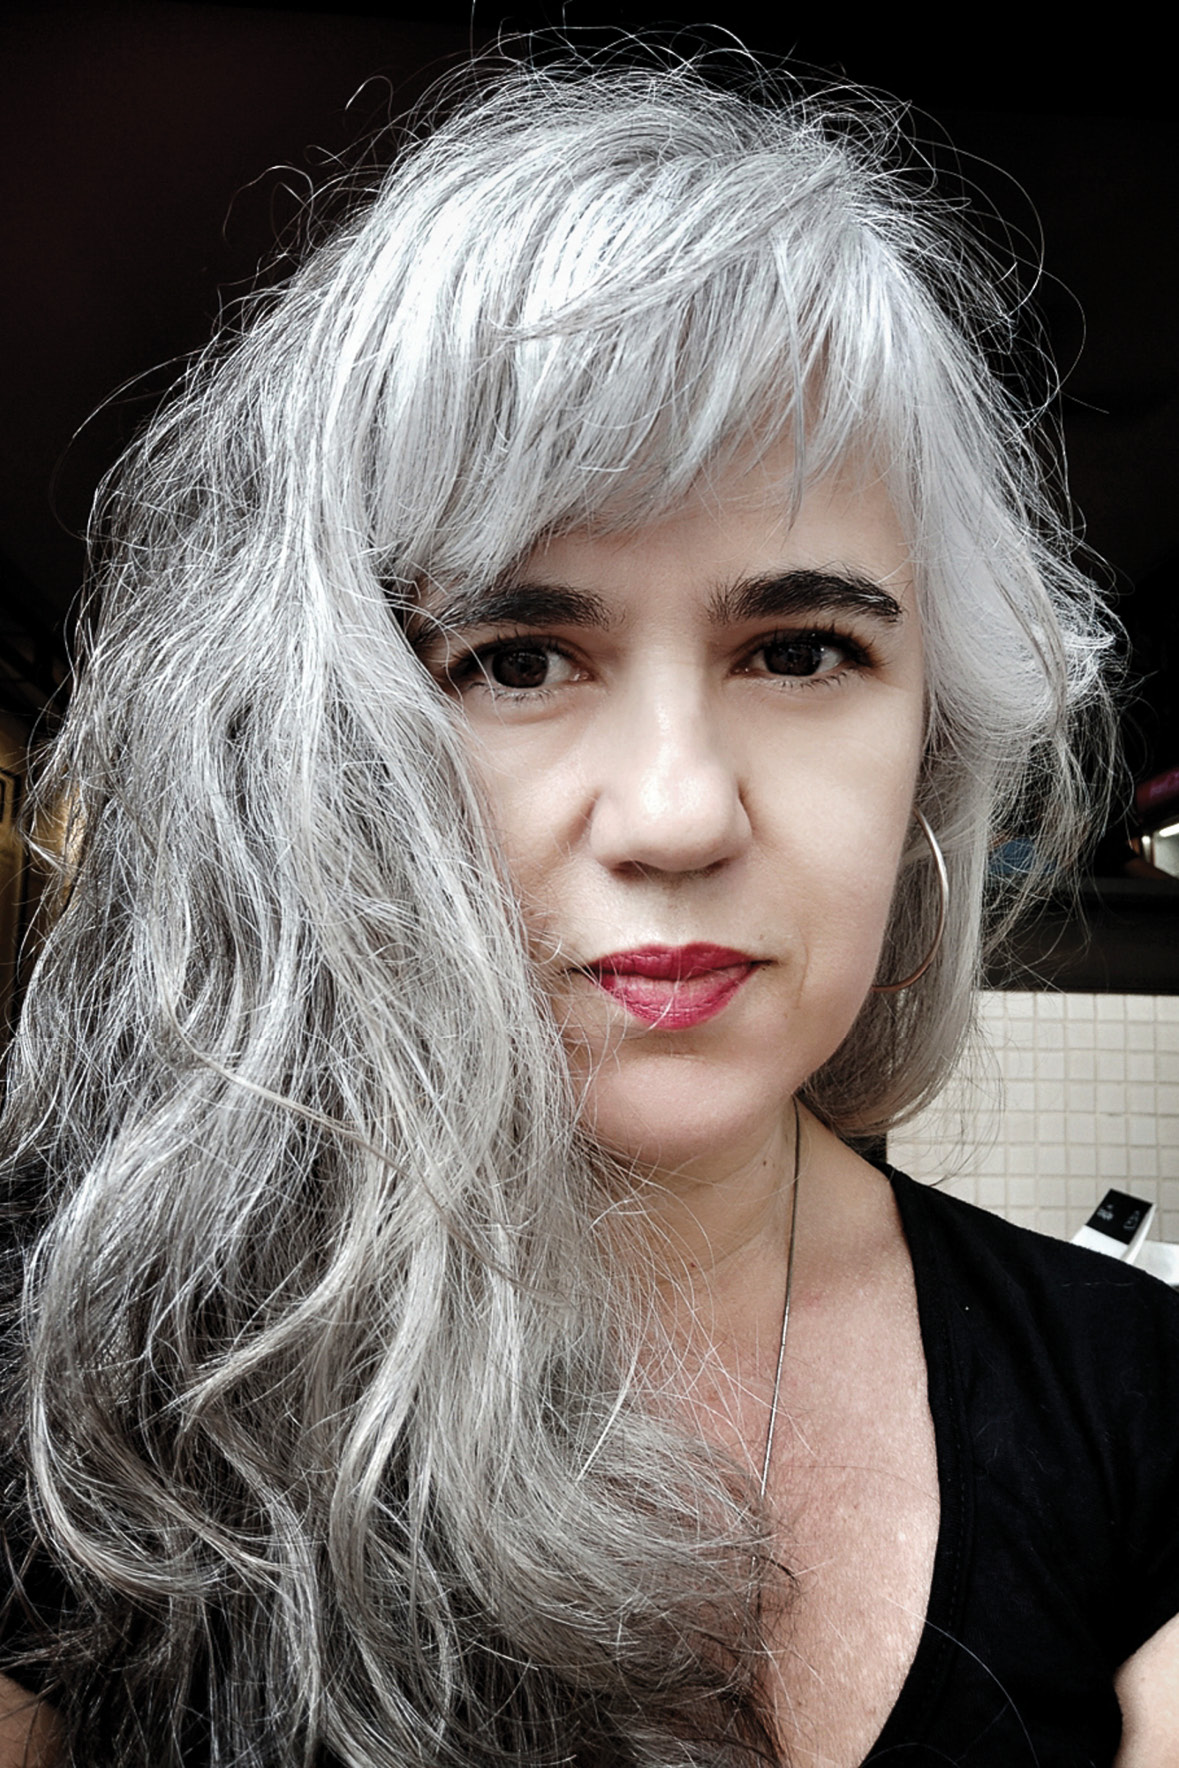 Mulher branca, de cabelos longos e grisalhos, vestindo uma bulsa preta olha para a câmera.